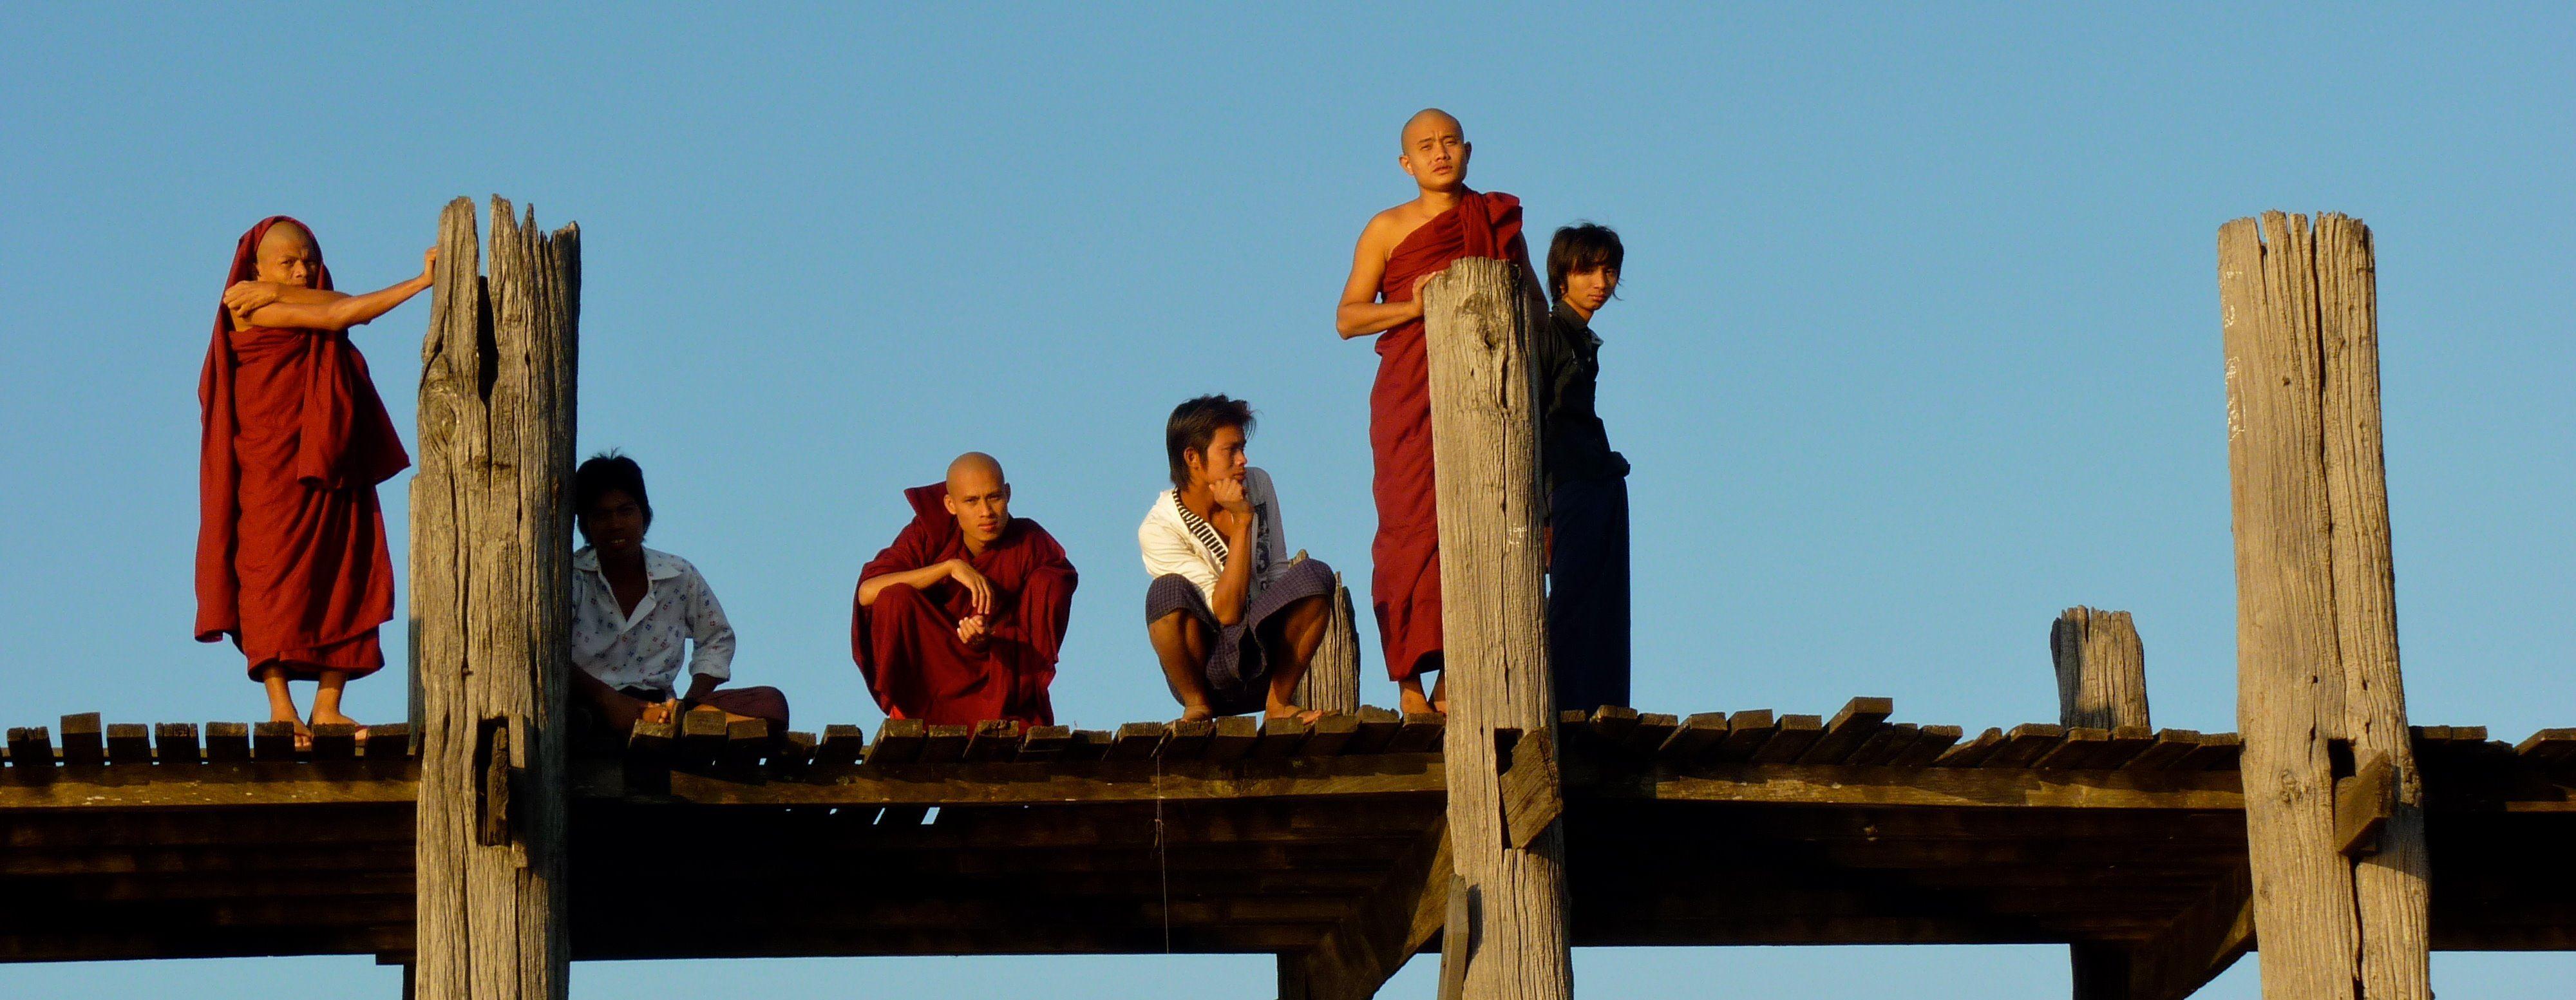 famille en birmanie